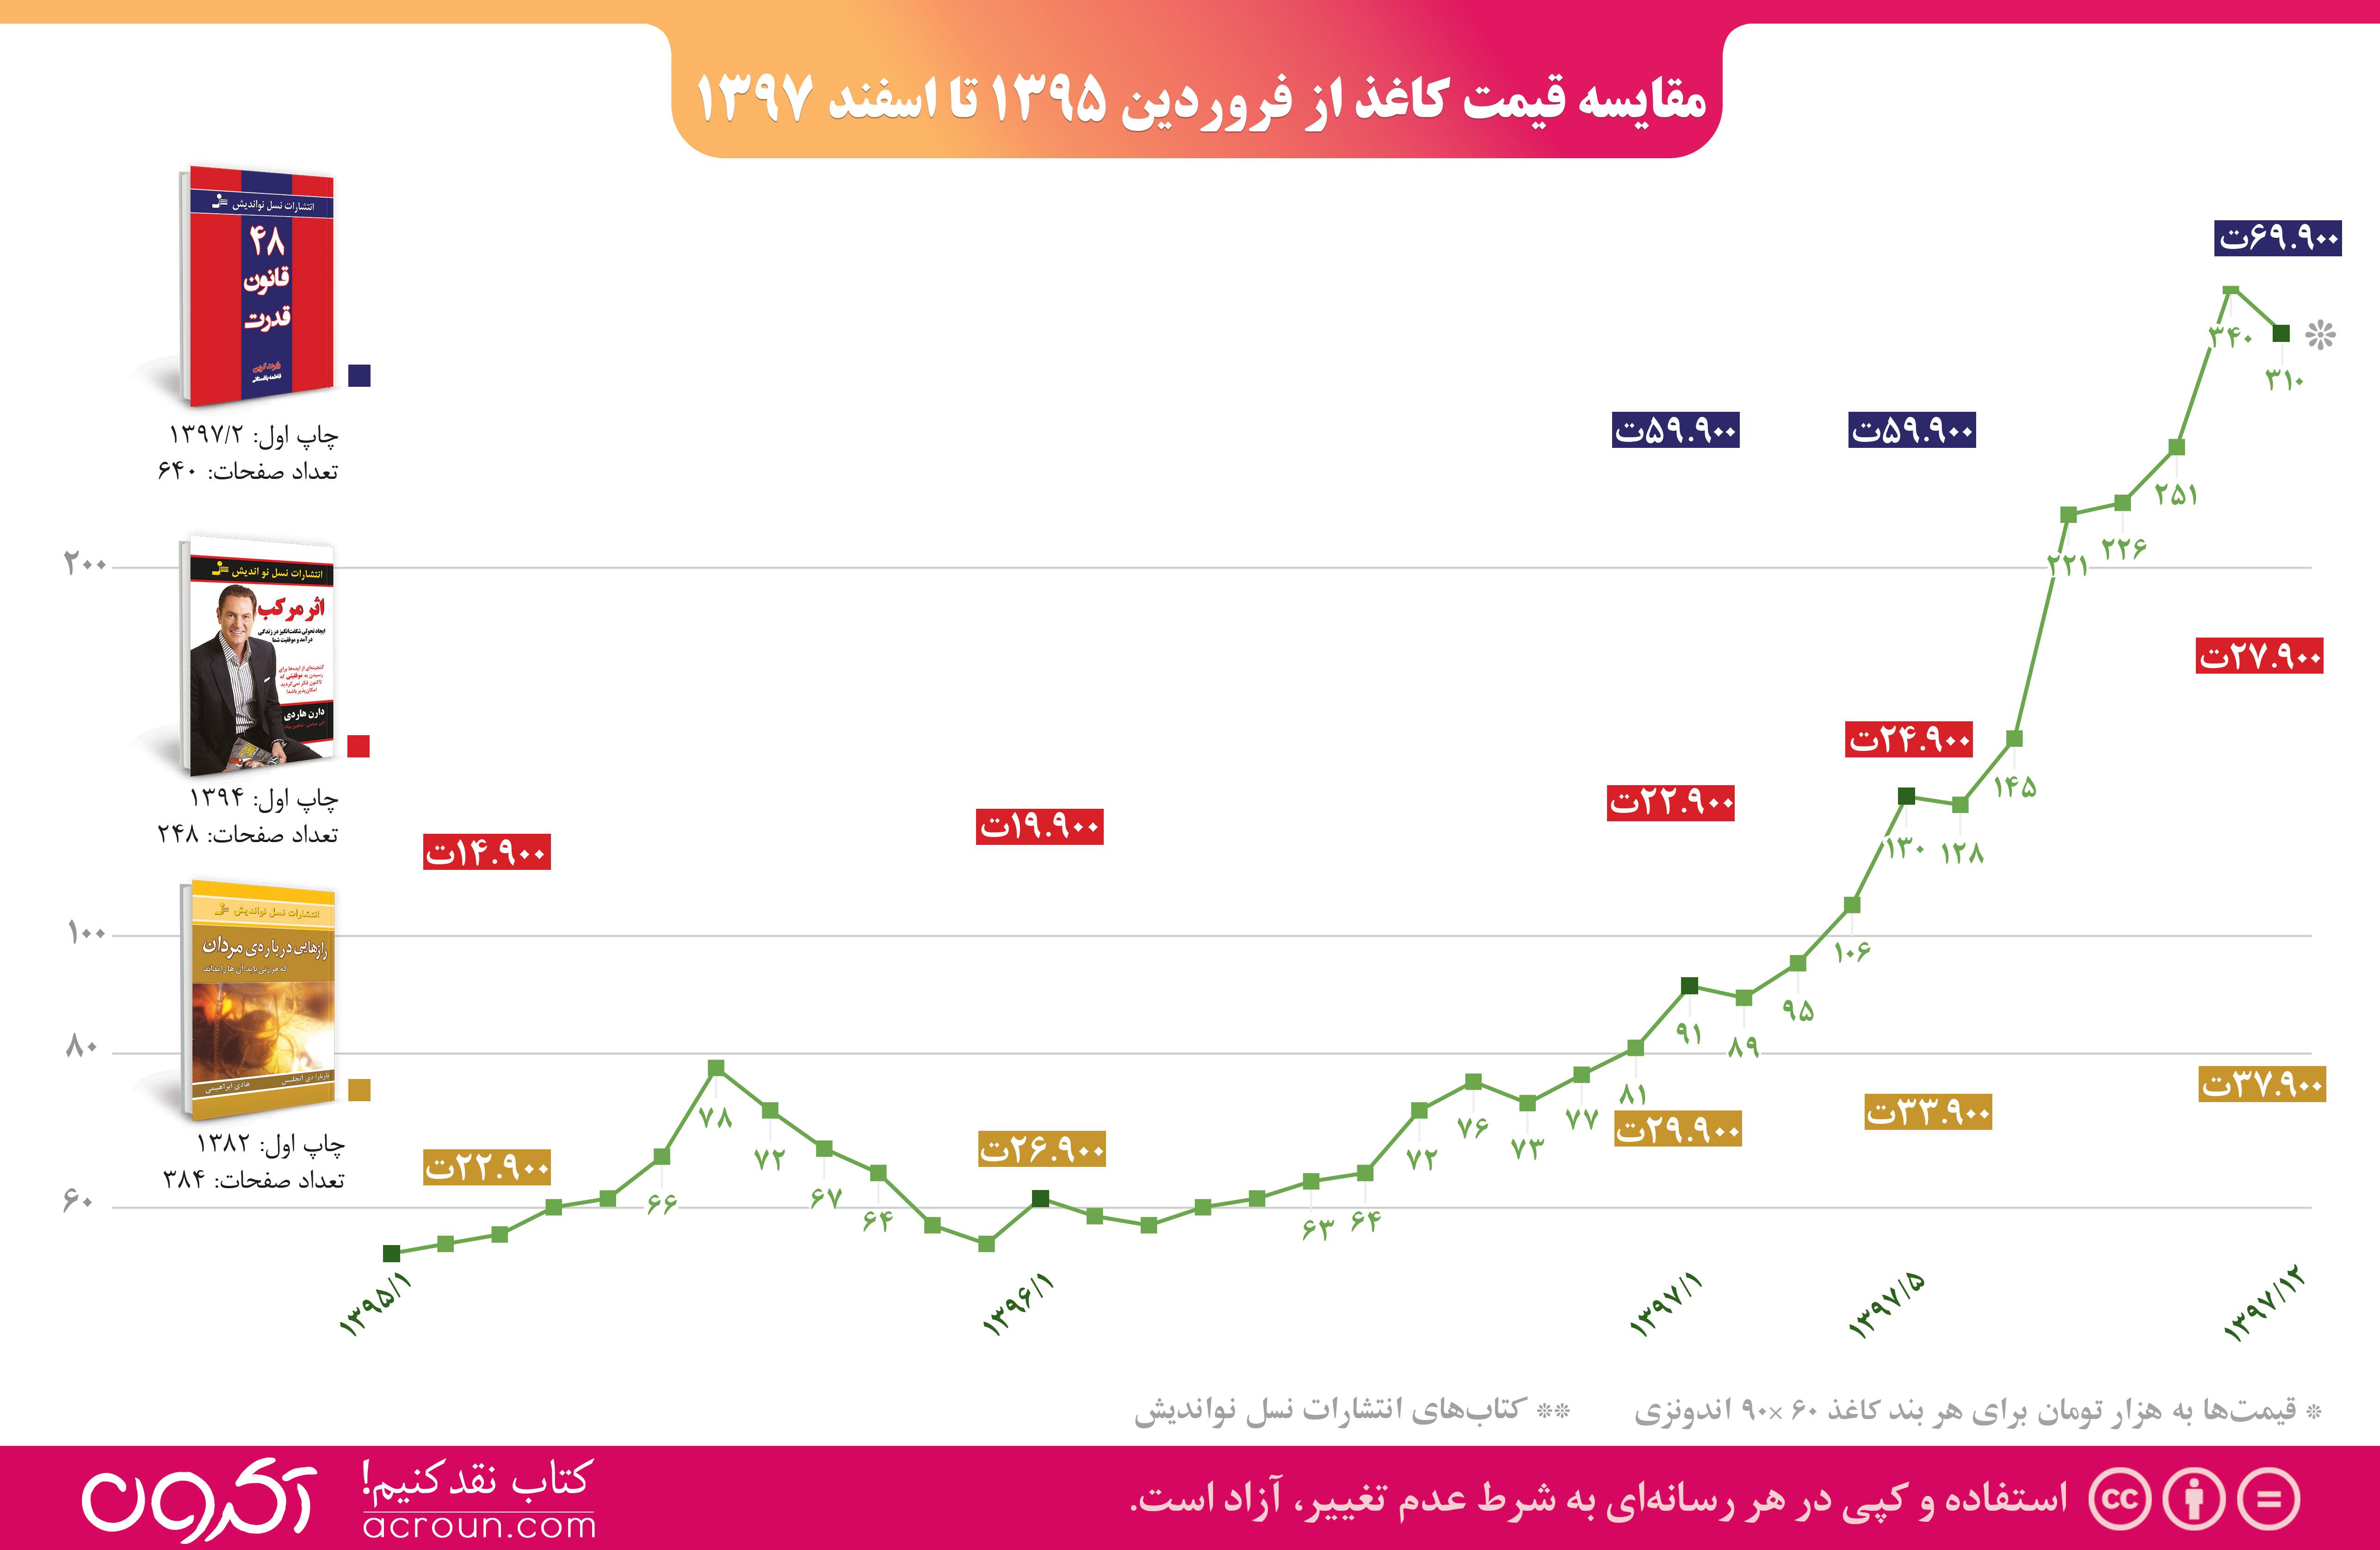 اینفوگرافیک مقایسه قیمت کاغذ از فروردین ۱۳۹۵ تا اسفند ۱۳۹۷